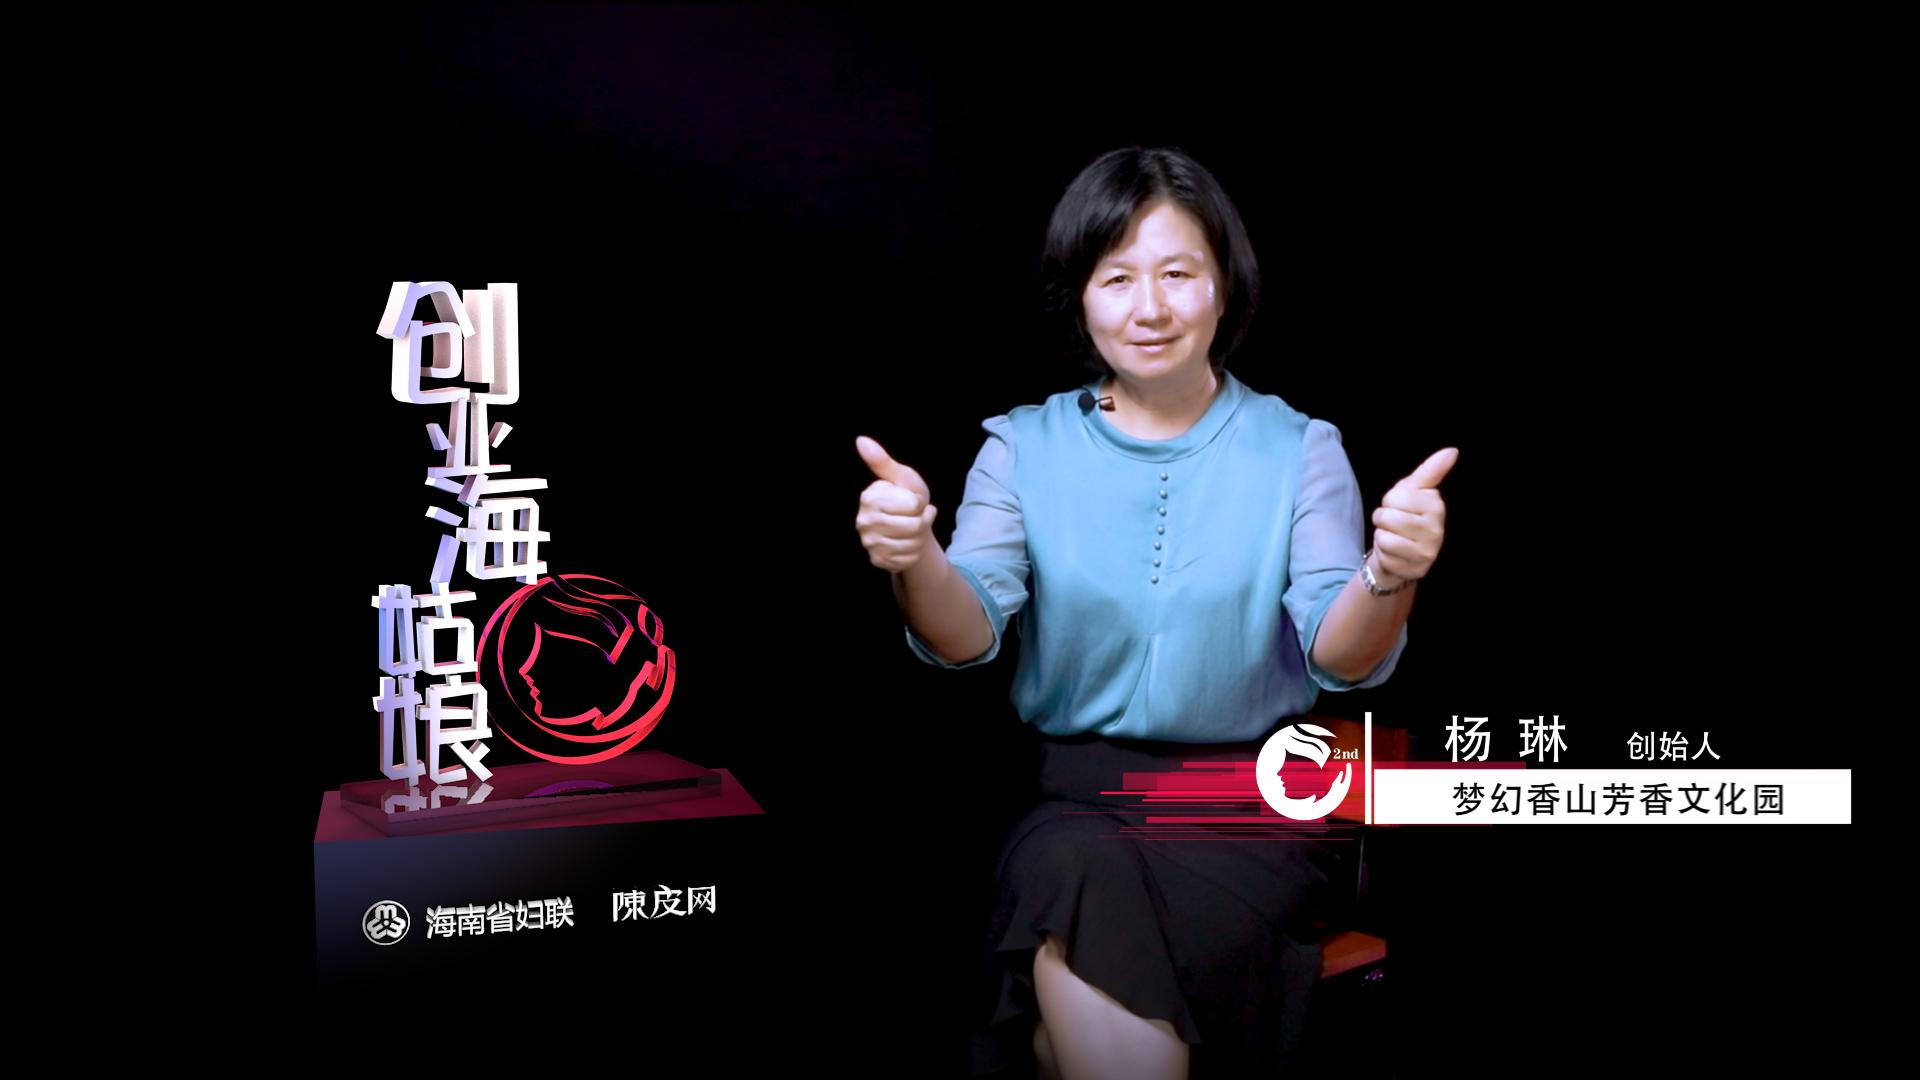 创业海姑娘|梦幻香山庄园庄主杨琳——有一种庄园让你相见恨晚